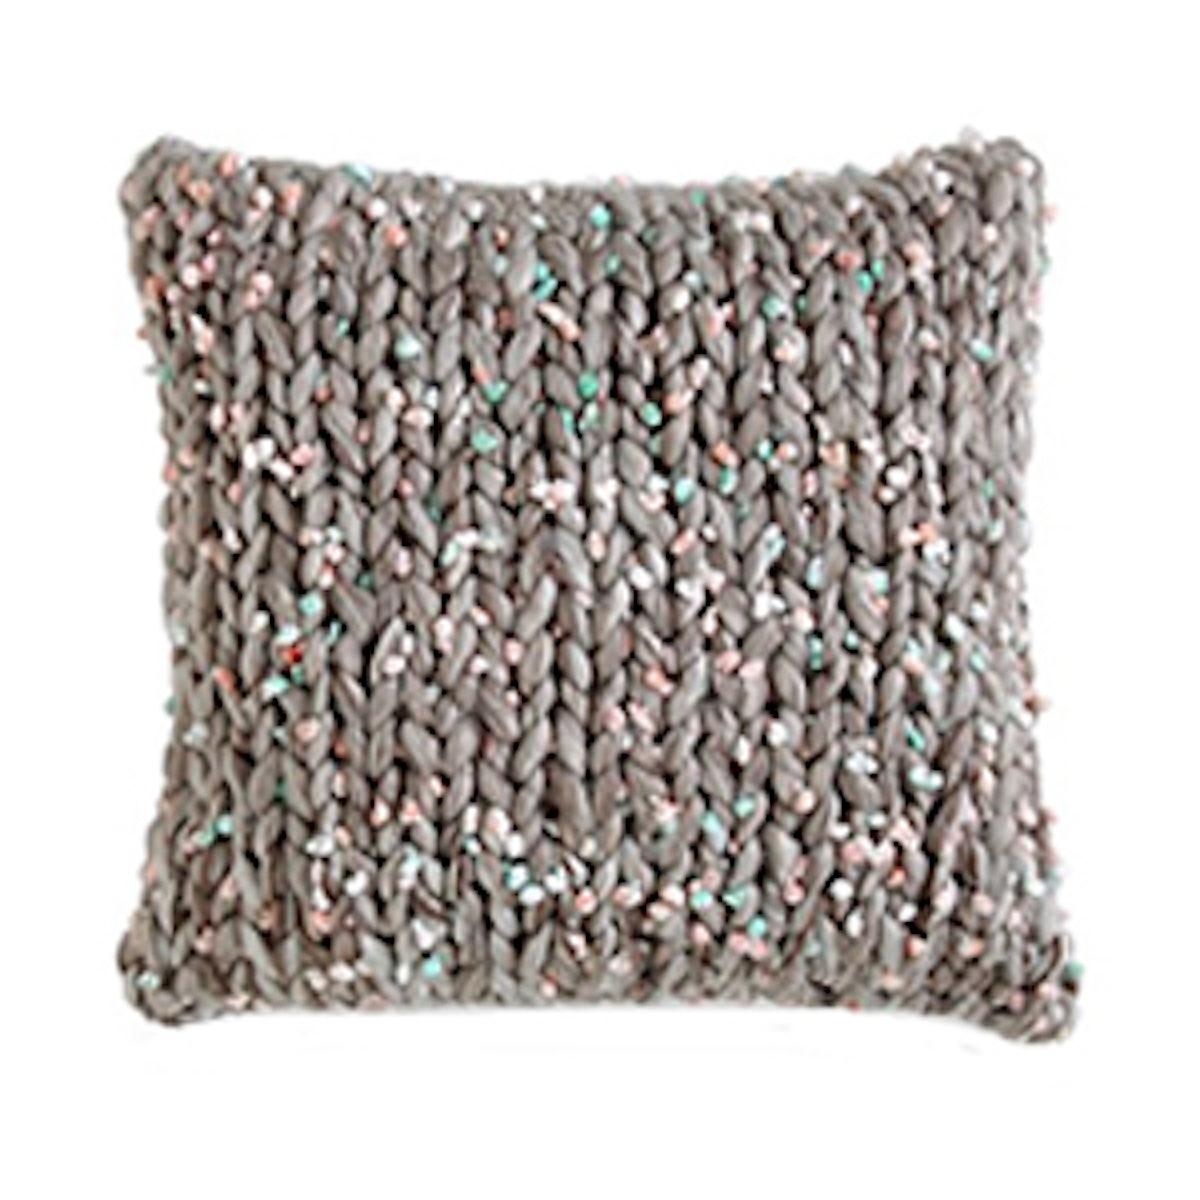 'Mode' Pillow